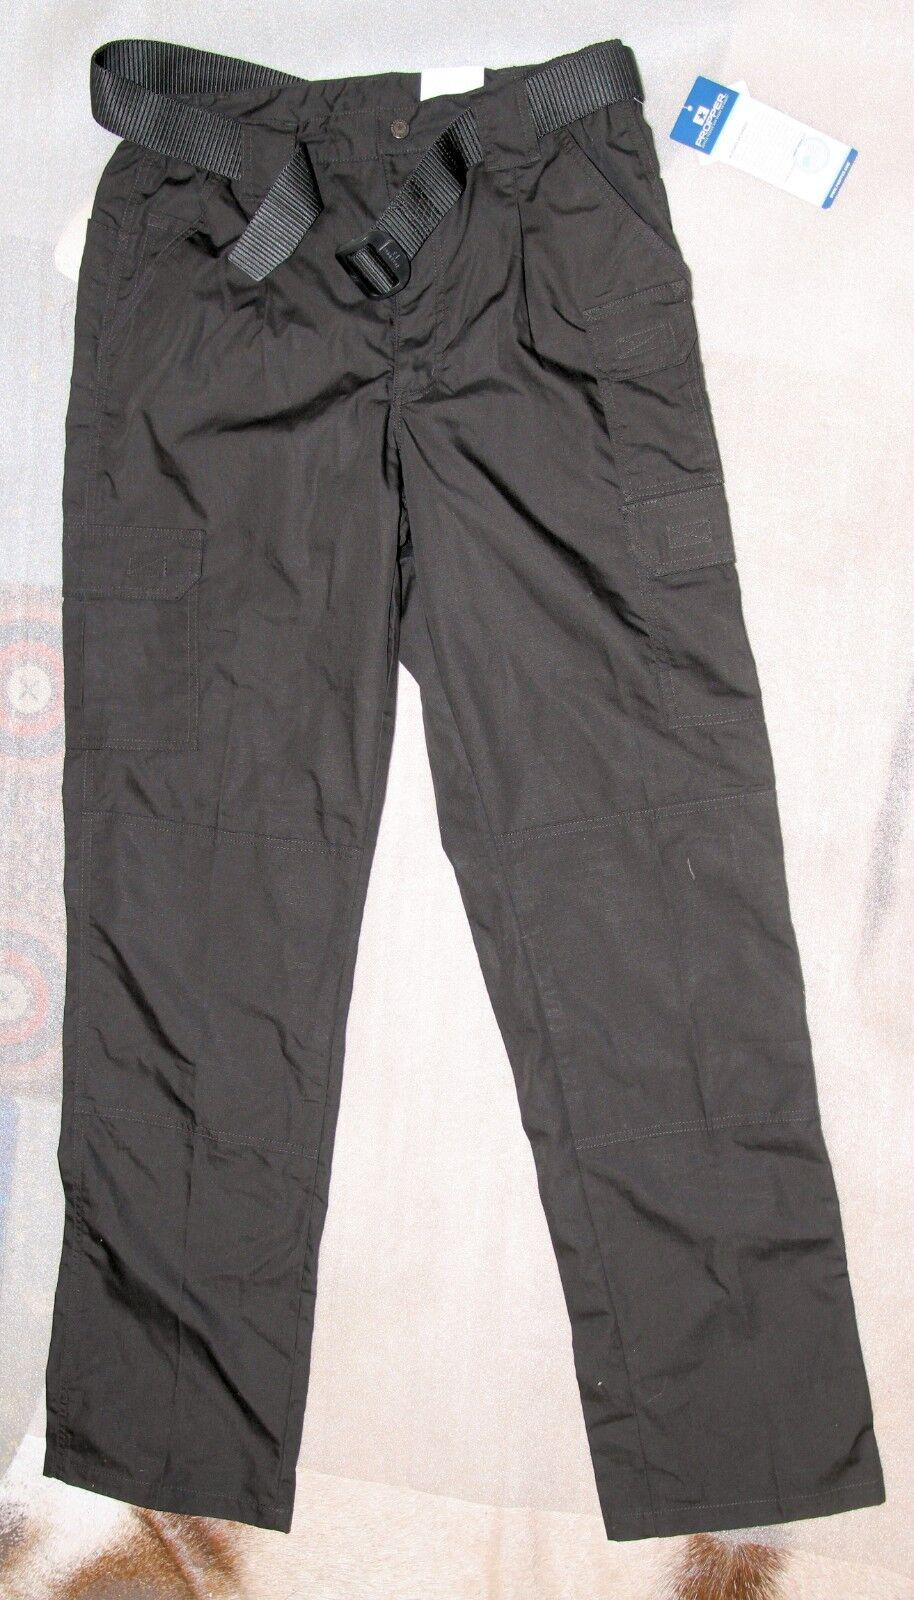 Propper ® uomo PANTALONE tattico leggero con cintura, cintura, cintura, 34 36 f5115d